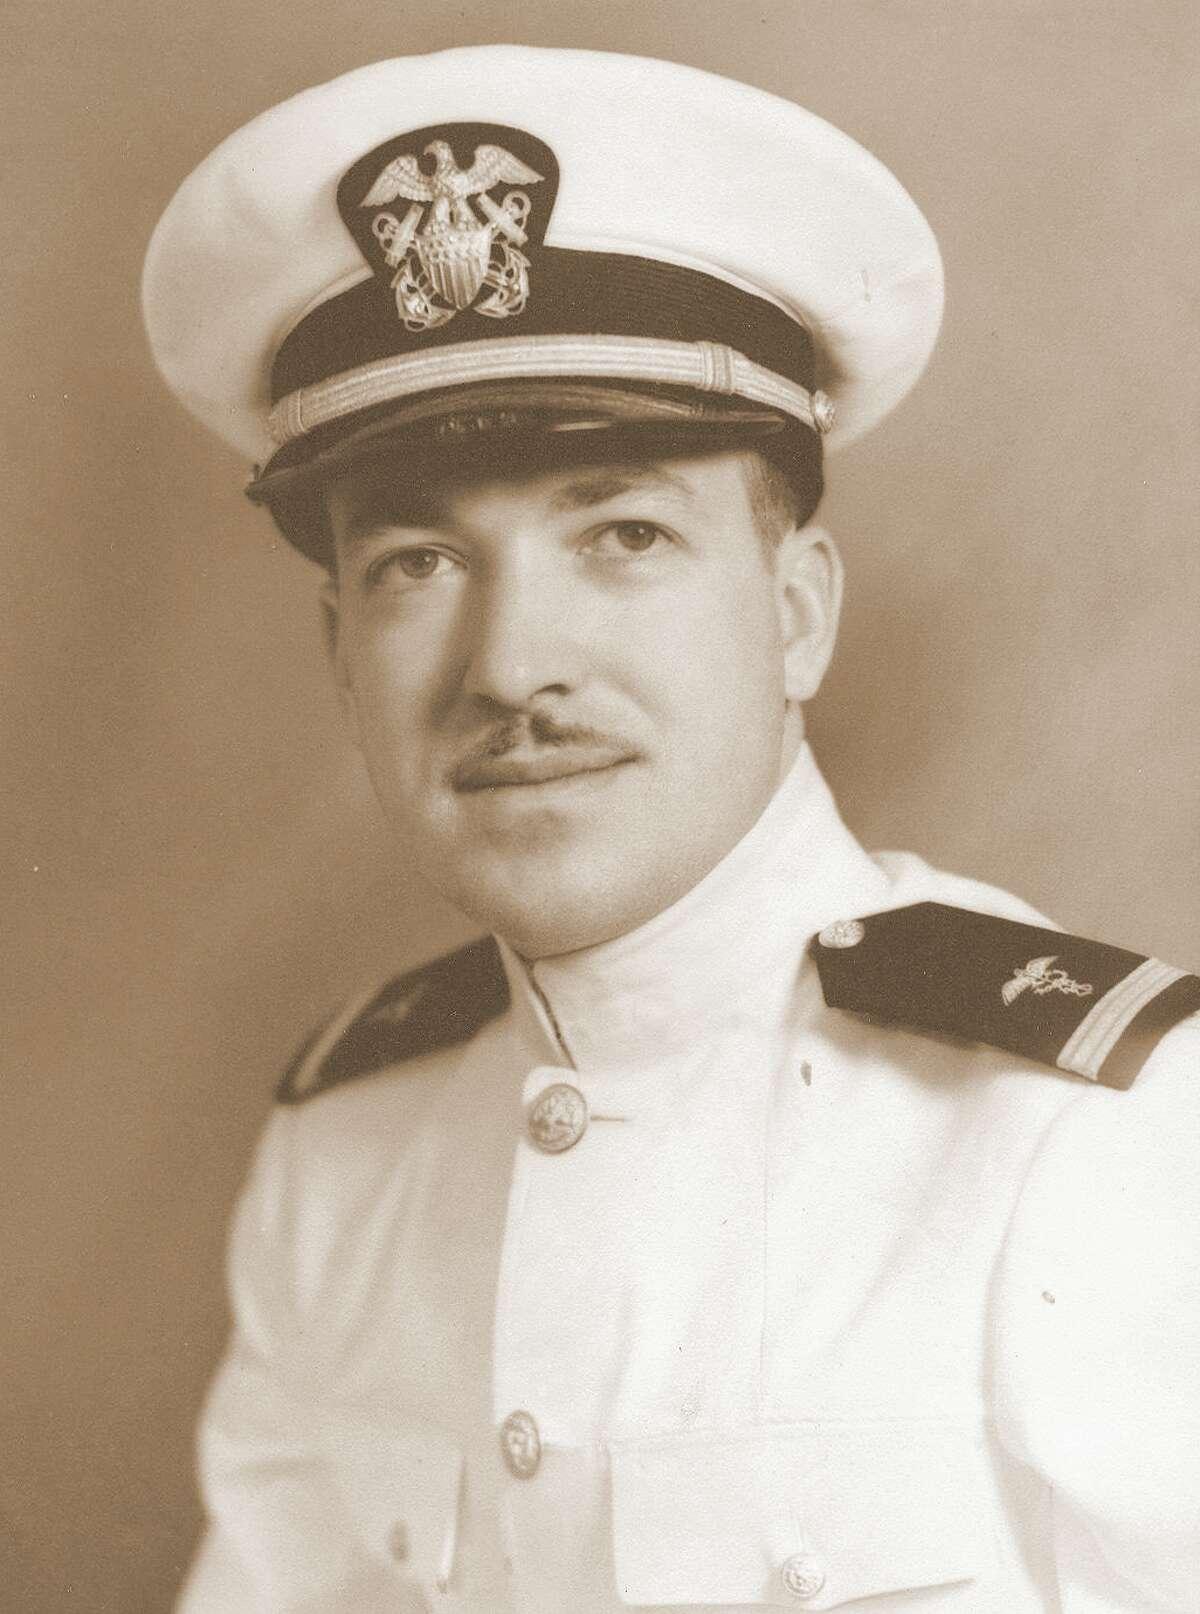 Gavin Telfer, LT, U.S. Navy